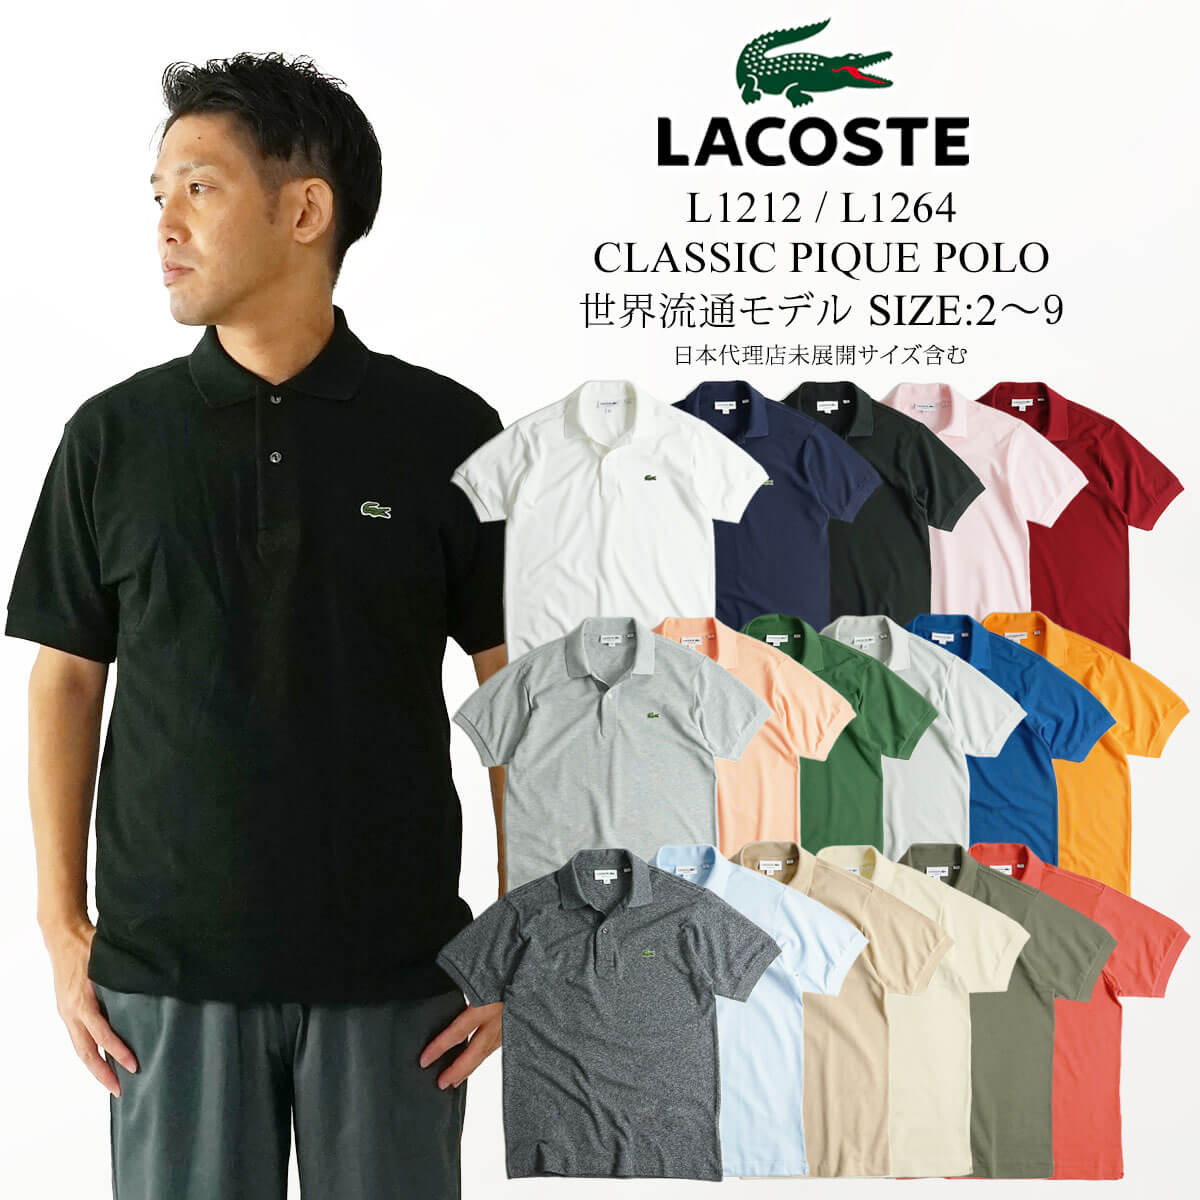 フランス生まれの定番ポロシャツ ラコステ 定番スタイル LACOSTE L1212 L1264 半袖ポロシャツ 上質 鹿の子 BIG Pique Polo 大きいサイズ Classic SIZE 世界流通モデル